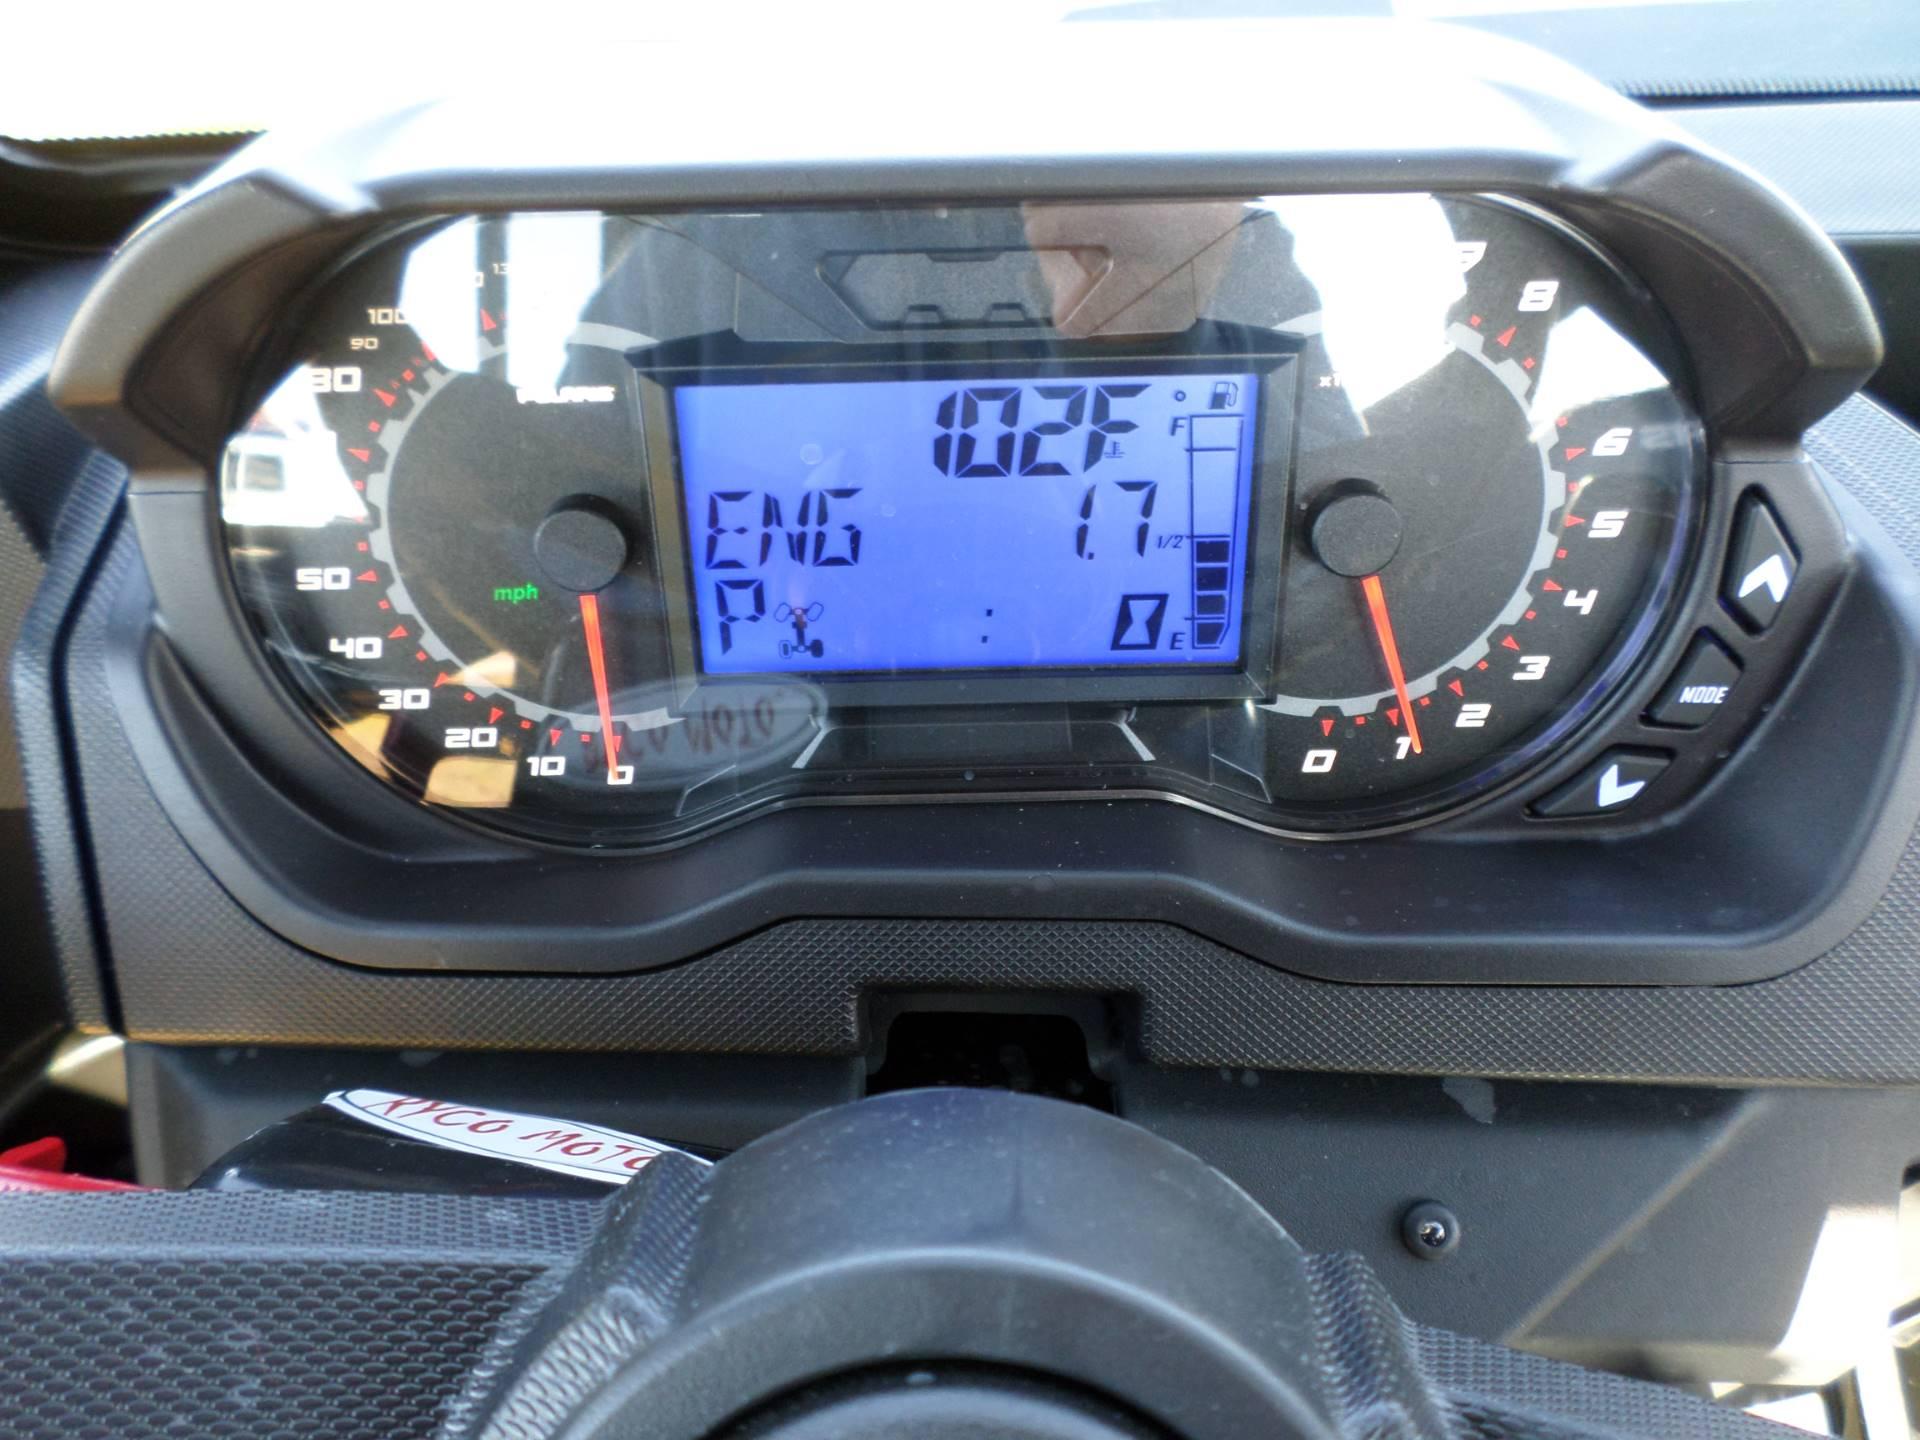 2019 Polaris Ranger XP 1000 EPS Ride Command 8